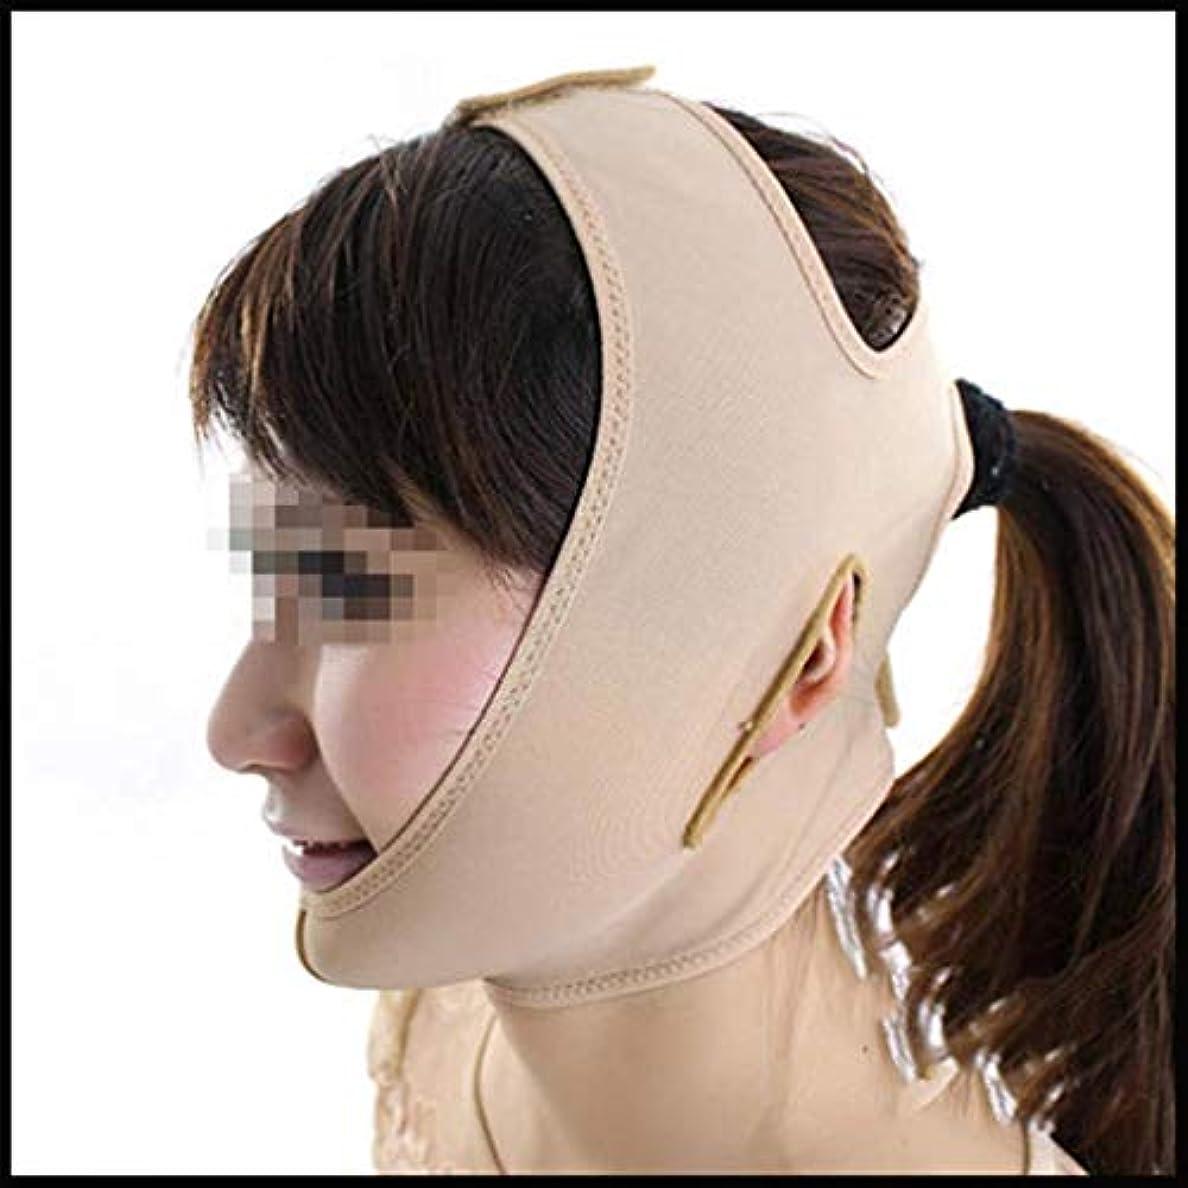 輝度狂気否認する美容と実用的なフェイスリフティング包帯、薄いフェイスマスク薄いマッサージ筋マッスルスリープフェイスリフティングフェイス付きの薄いフェイスVフェイス薄いフェイスマスク(サイズ:S)